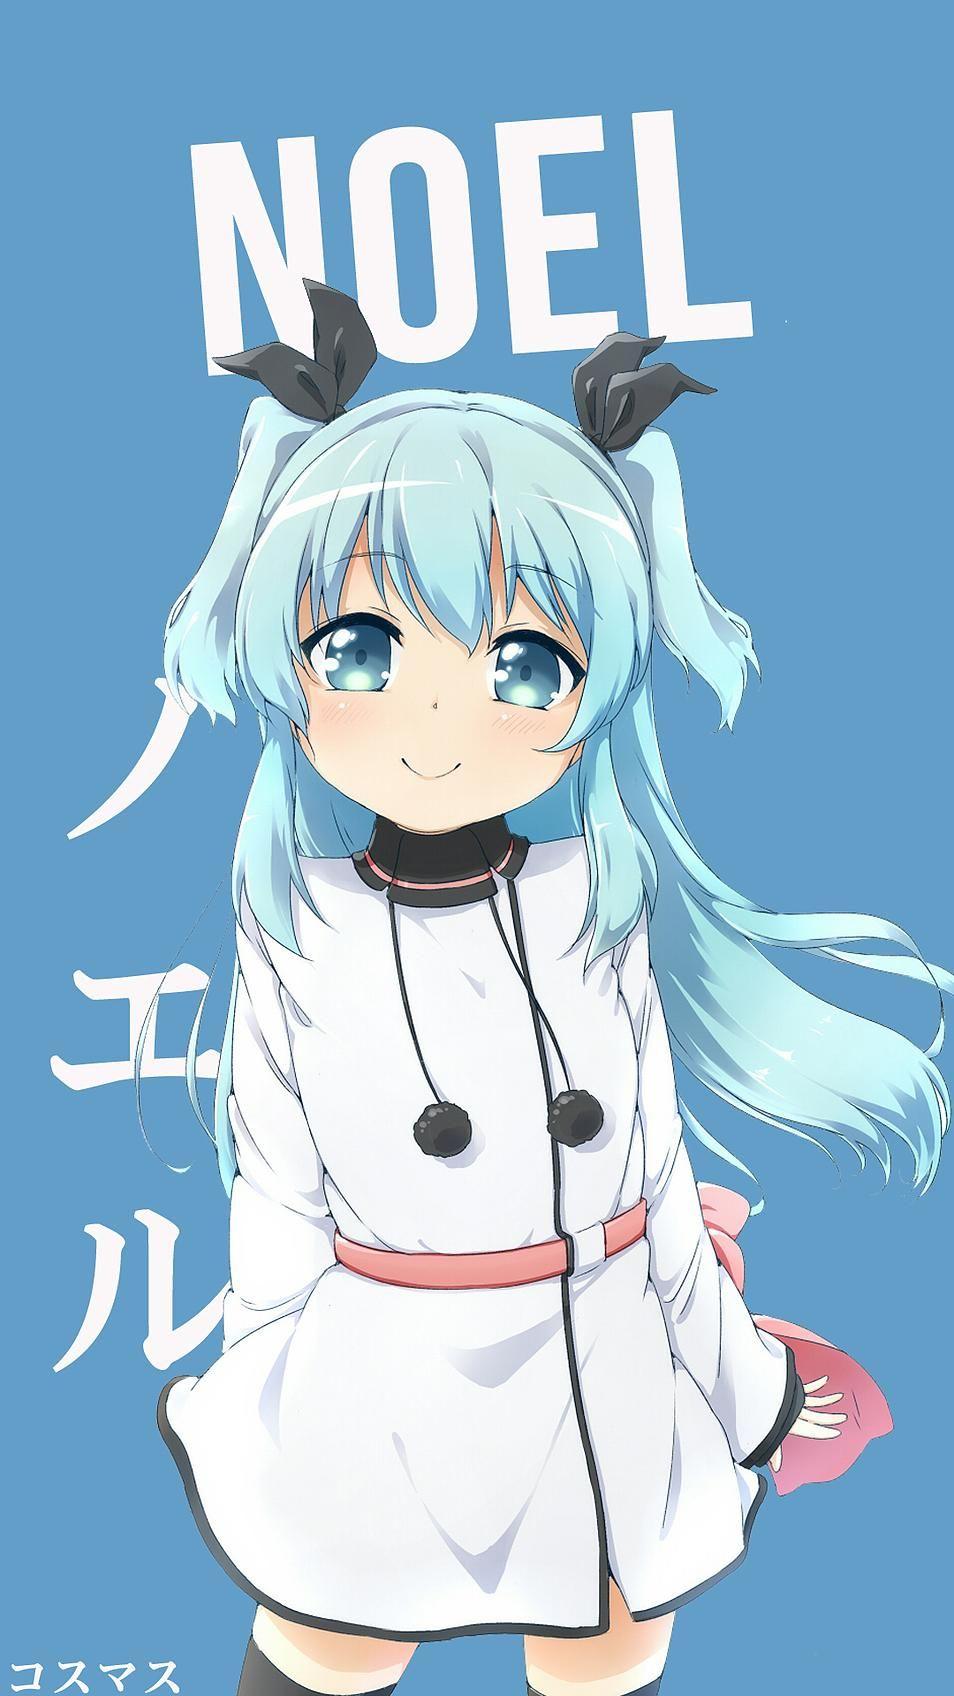 Pin de Silver Snowy en Anime Wallpapers   Chica anime ...